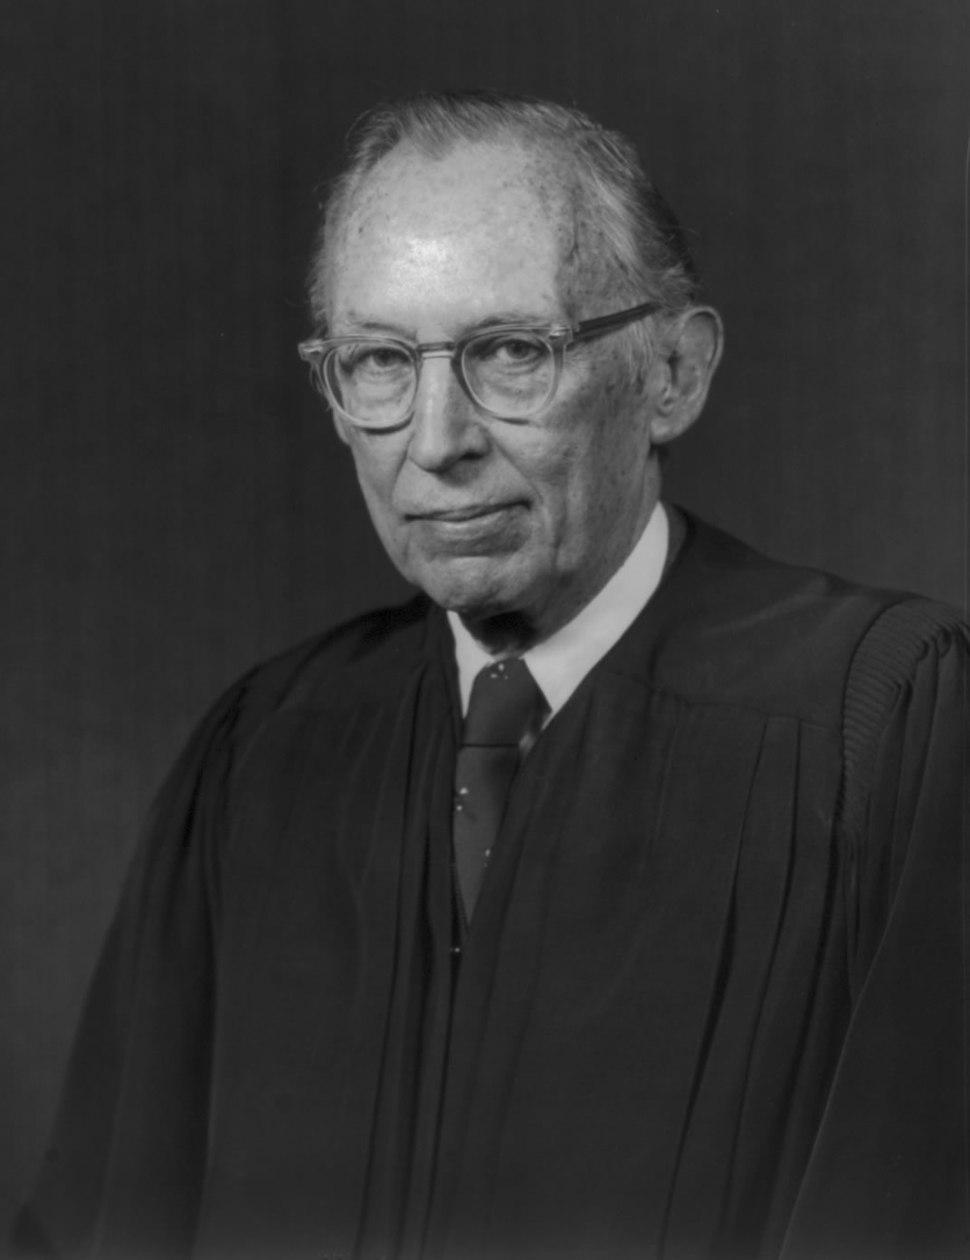 US Supreme Court Justice Lewis Powell - 1976 official portrait